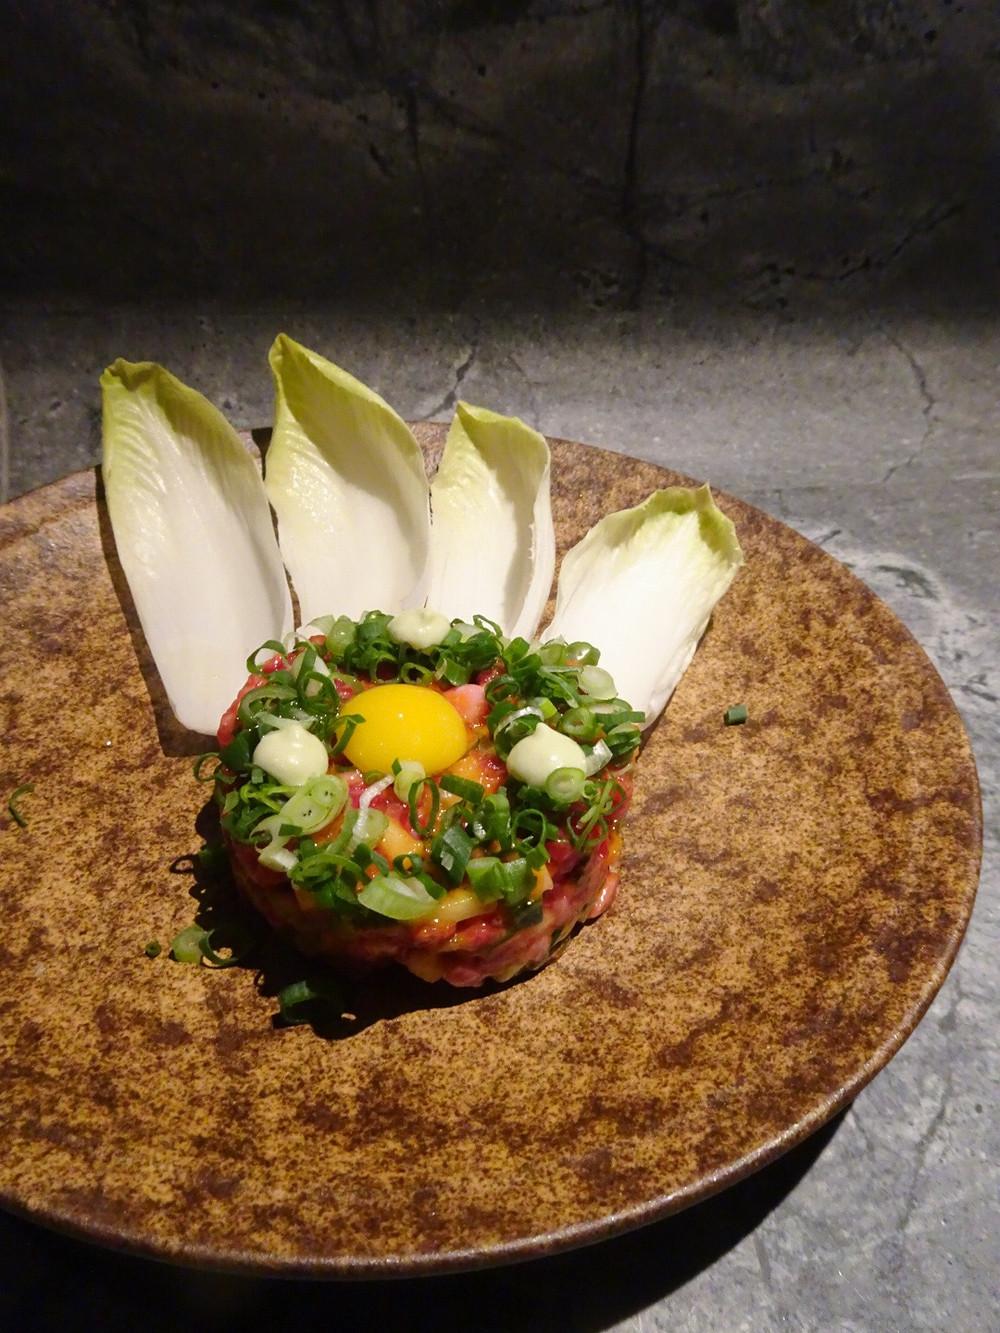 Food at Fukuro izakaya restaurant by Black Sheep Restaurant Group in Hong Kong